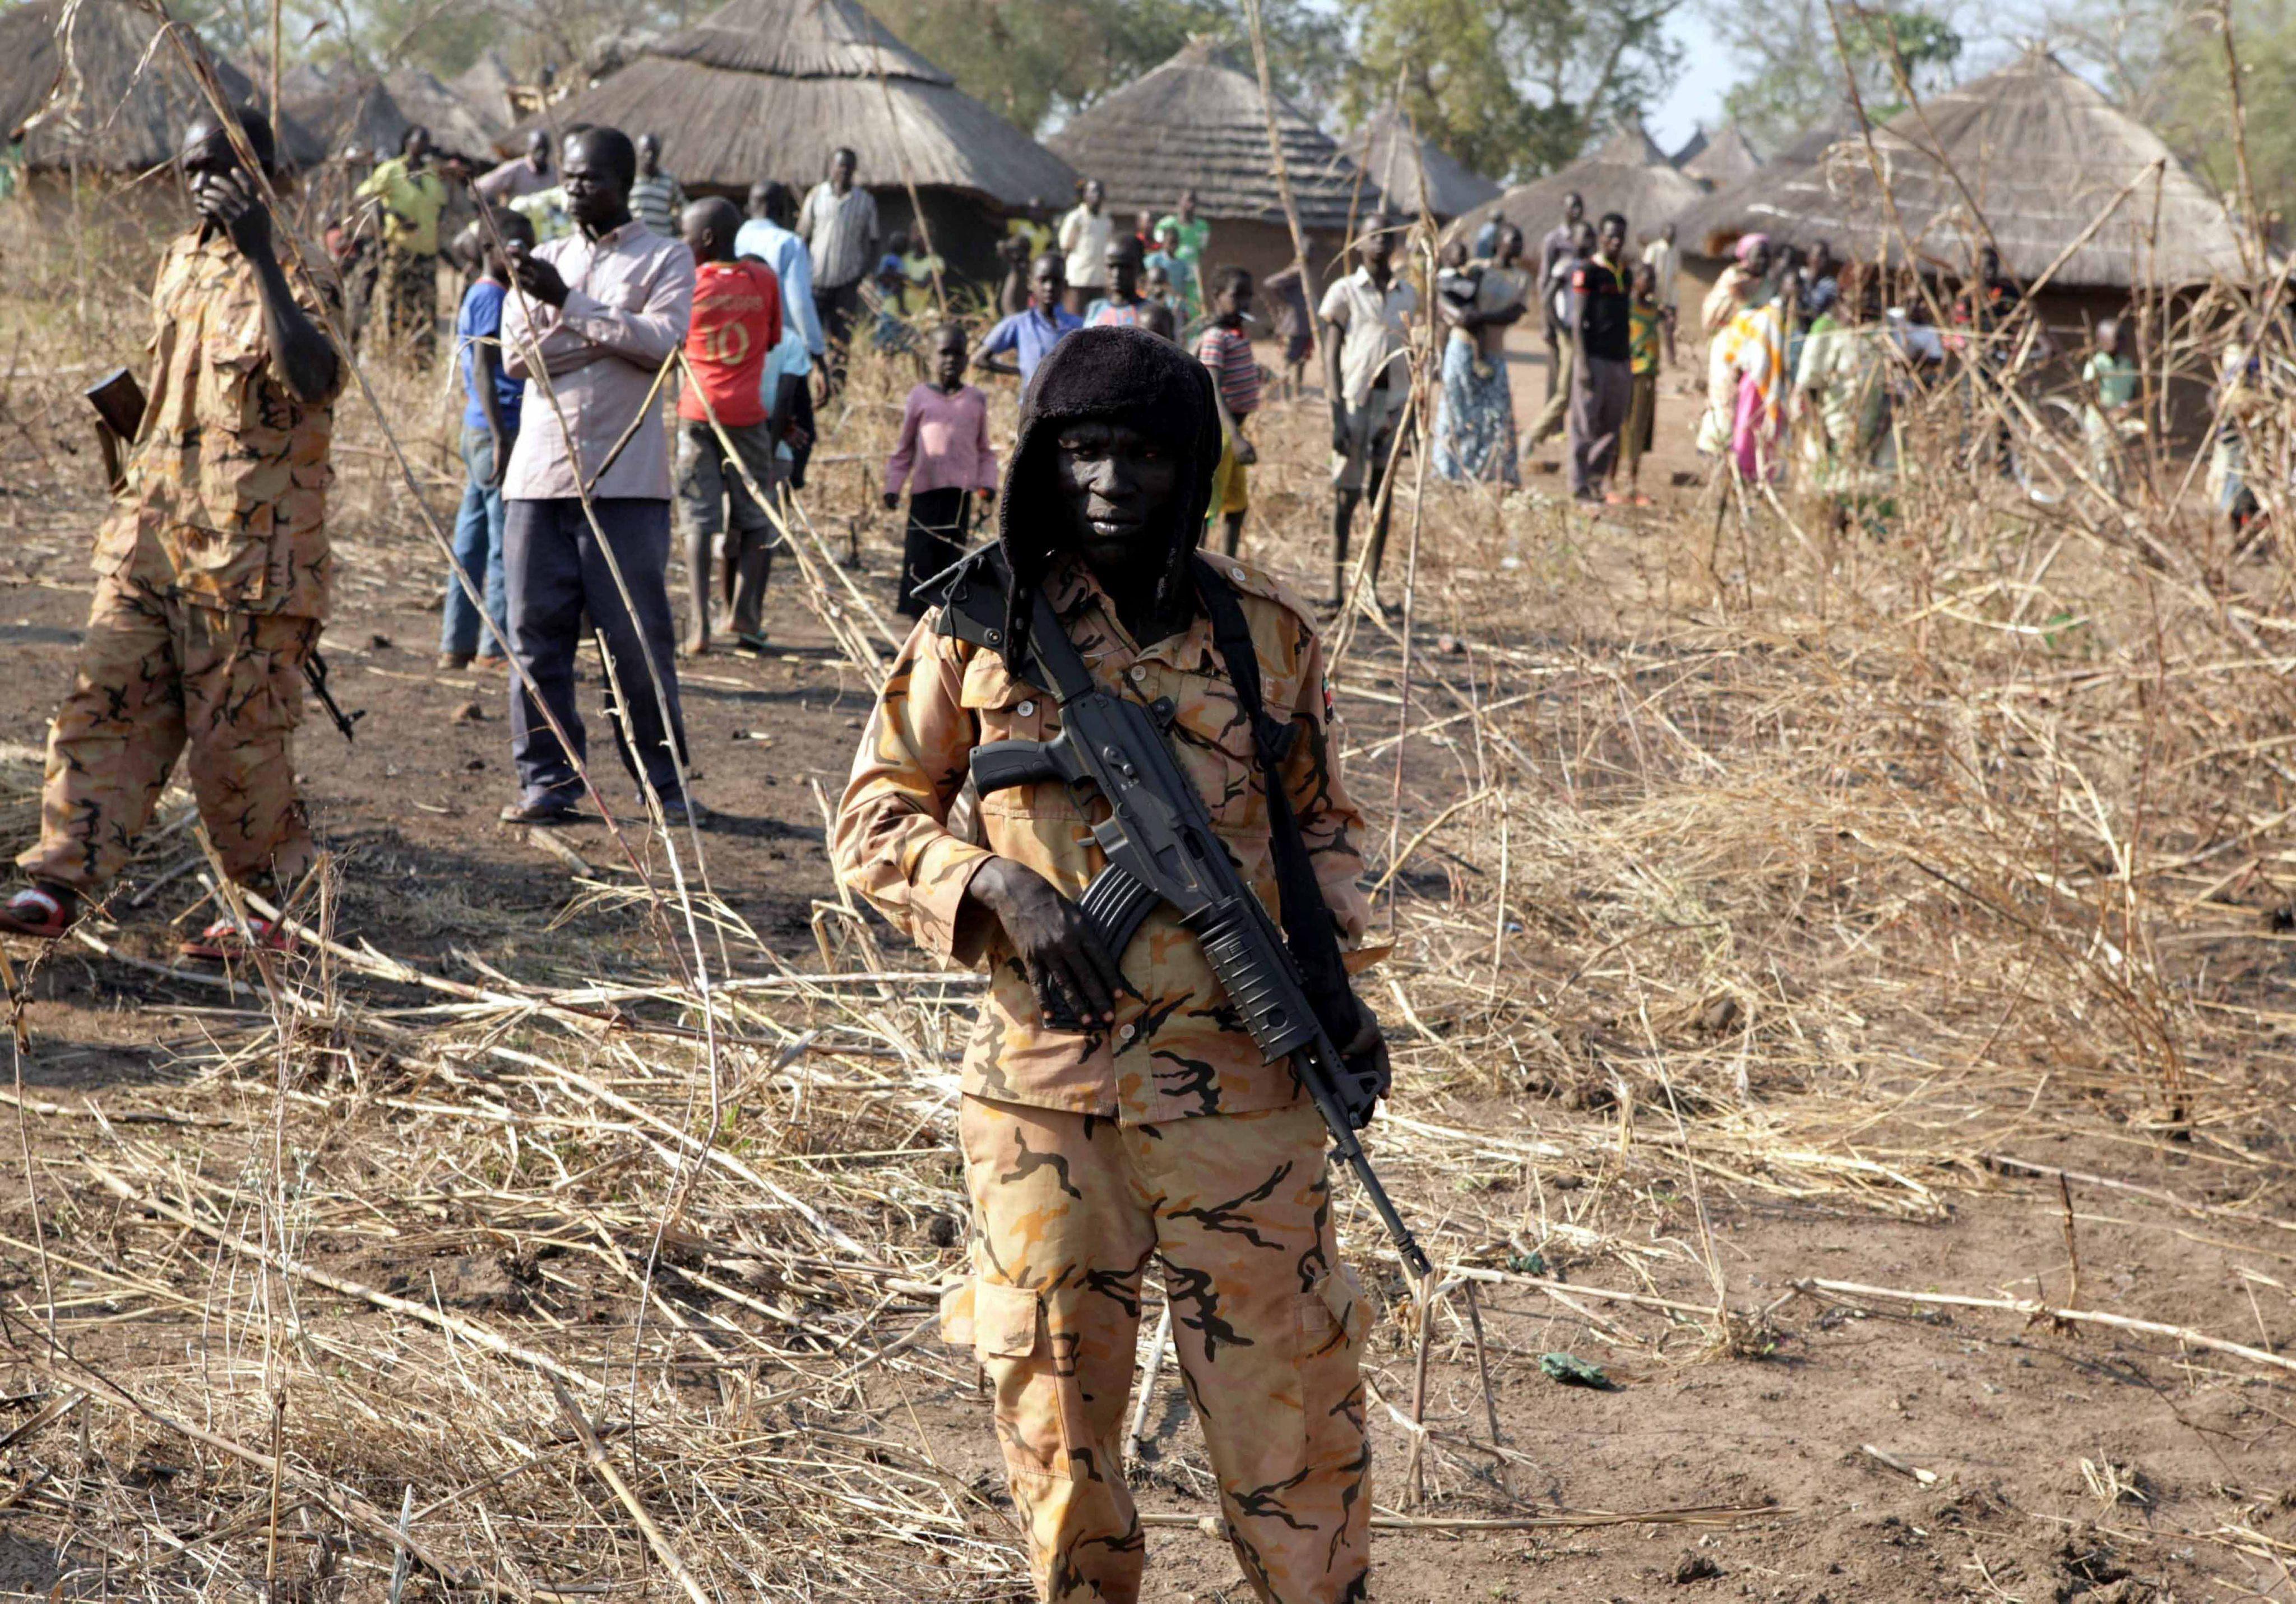 Los rebeldes asesinan a cientos de civiles en una ciudad sursudanesa, según la ONU